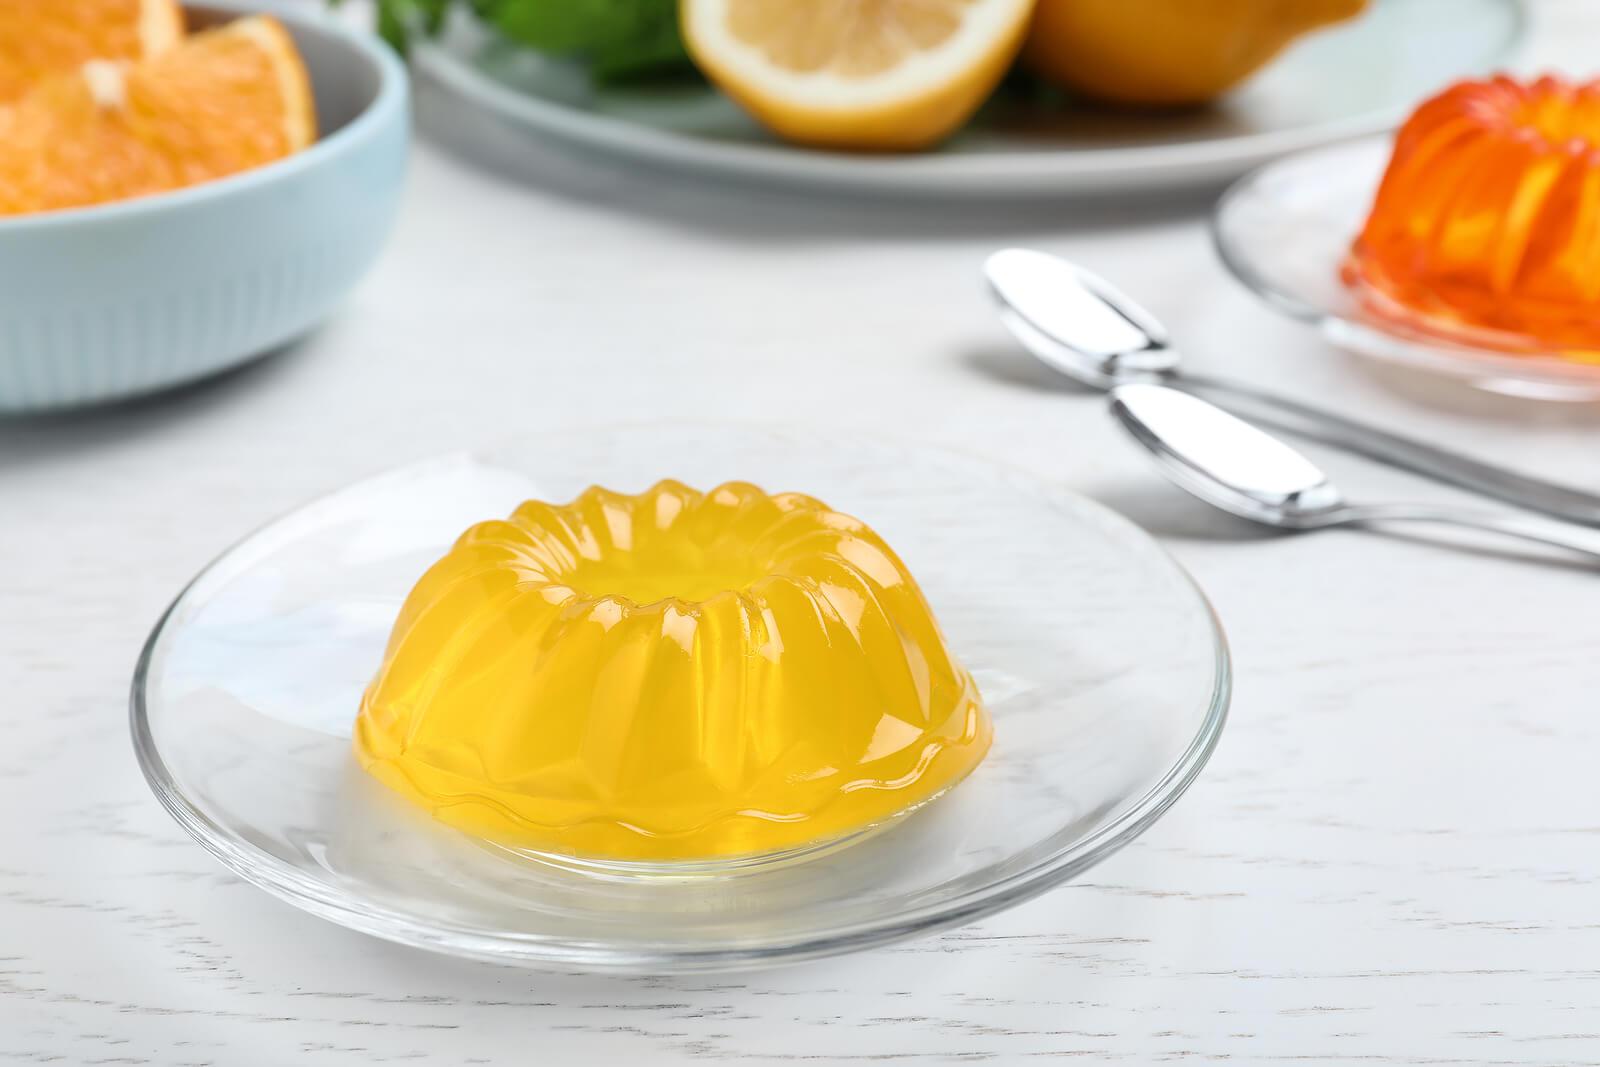 La gelatina viene en diversos sabores de frutas.